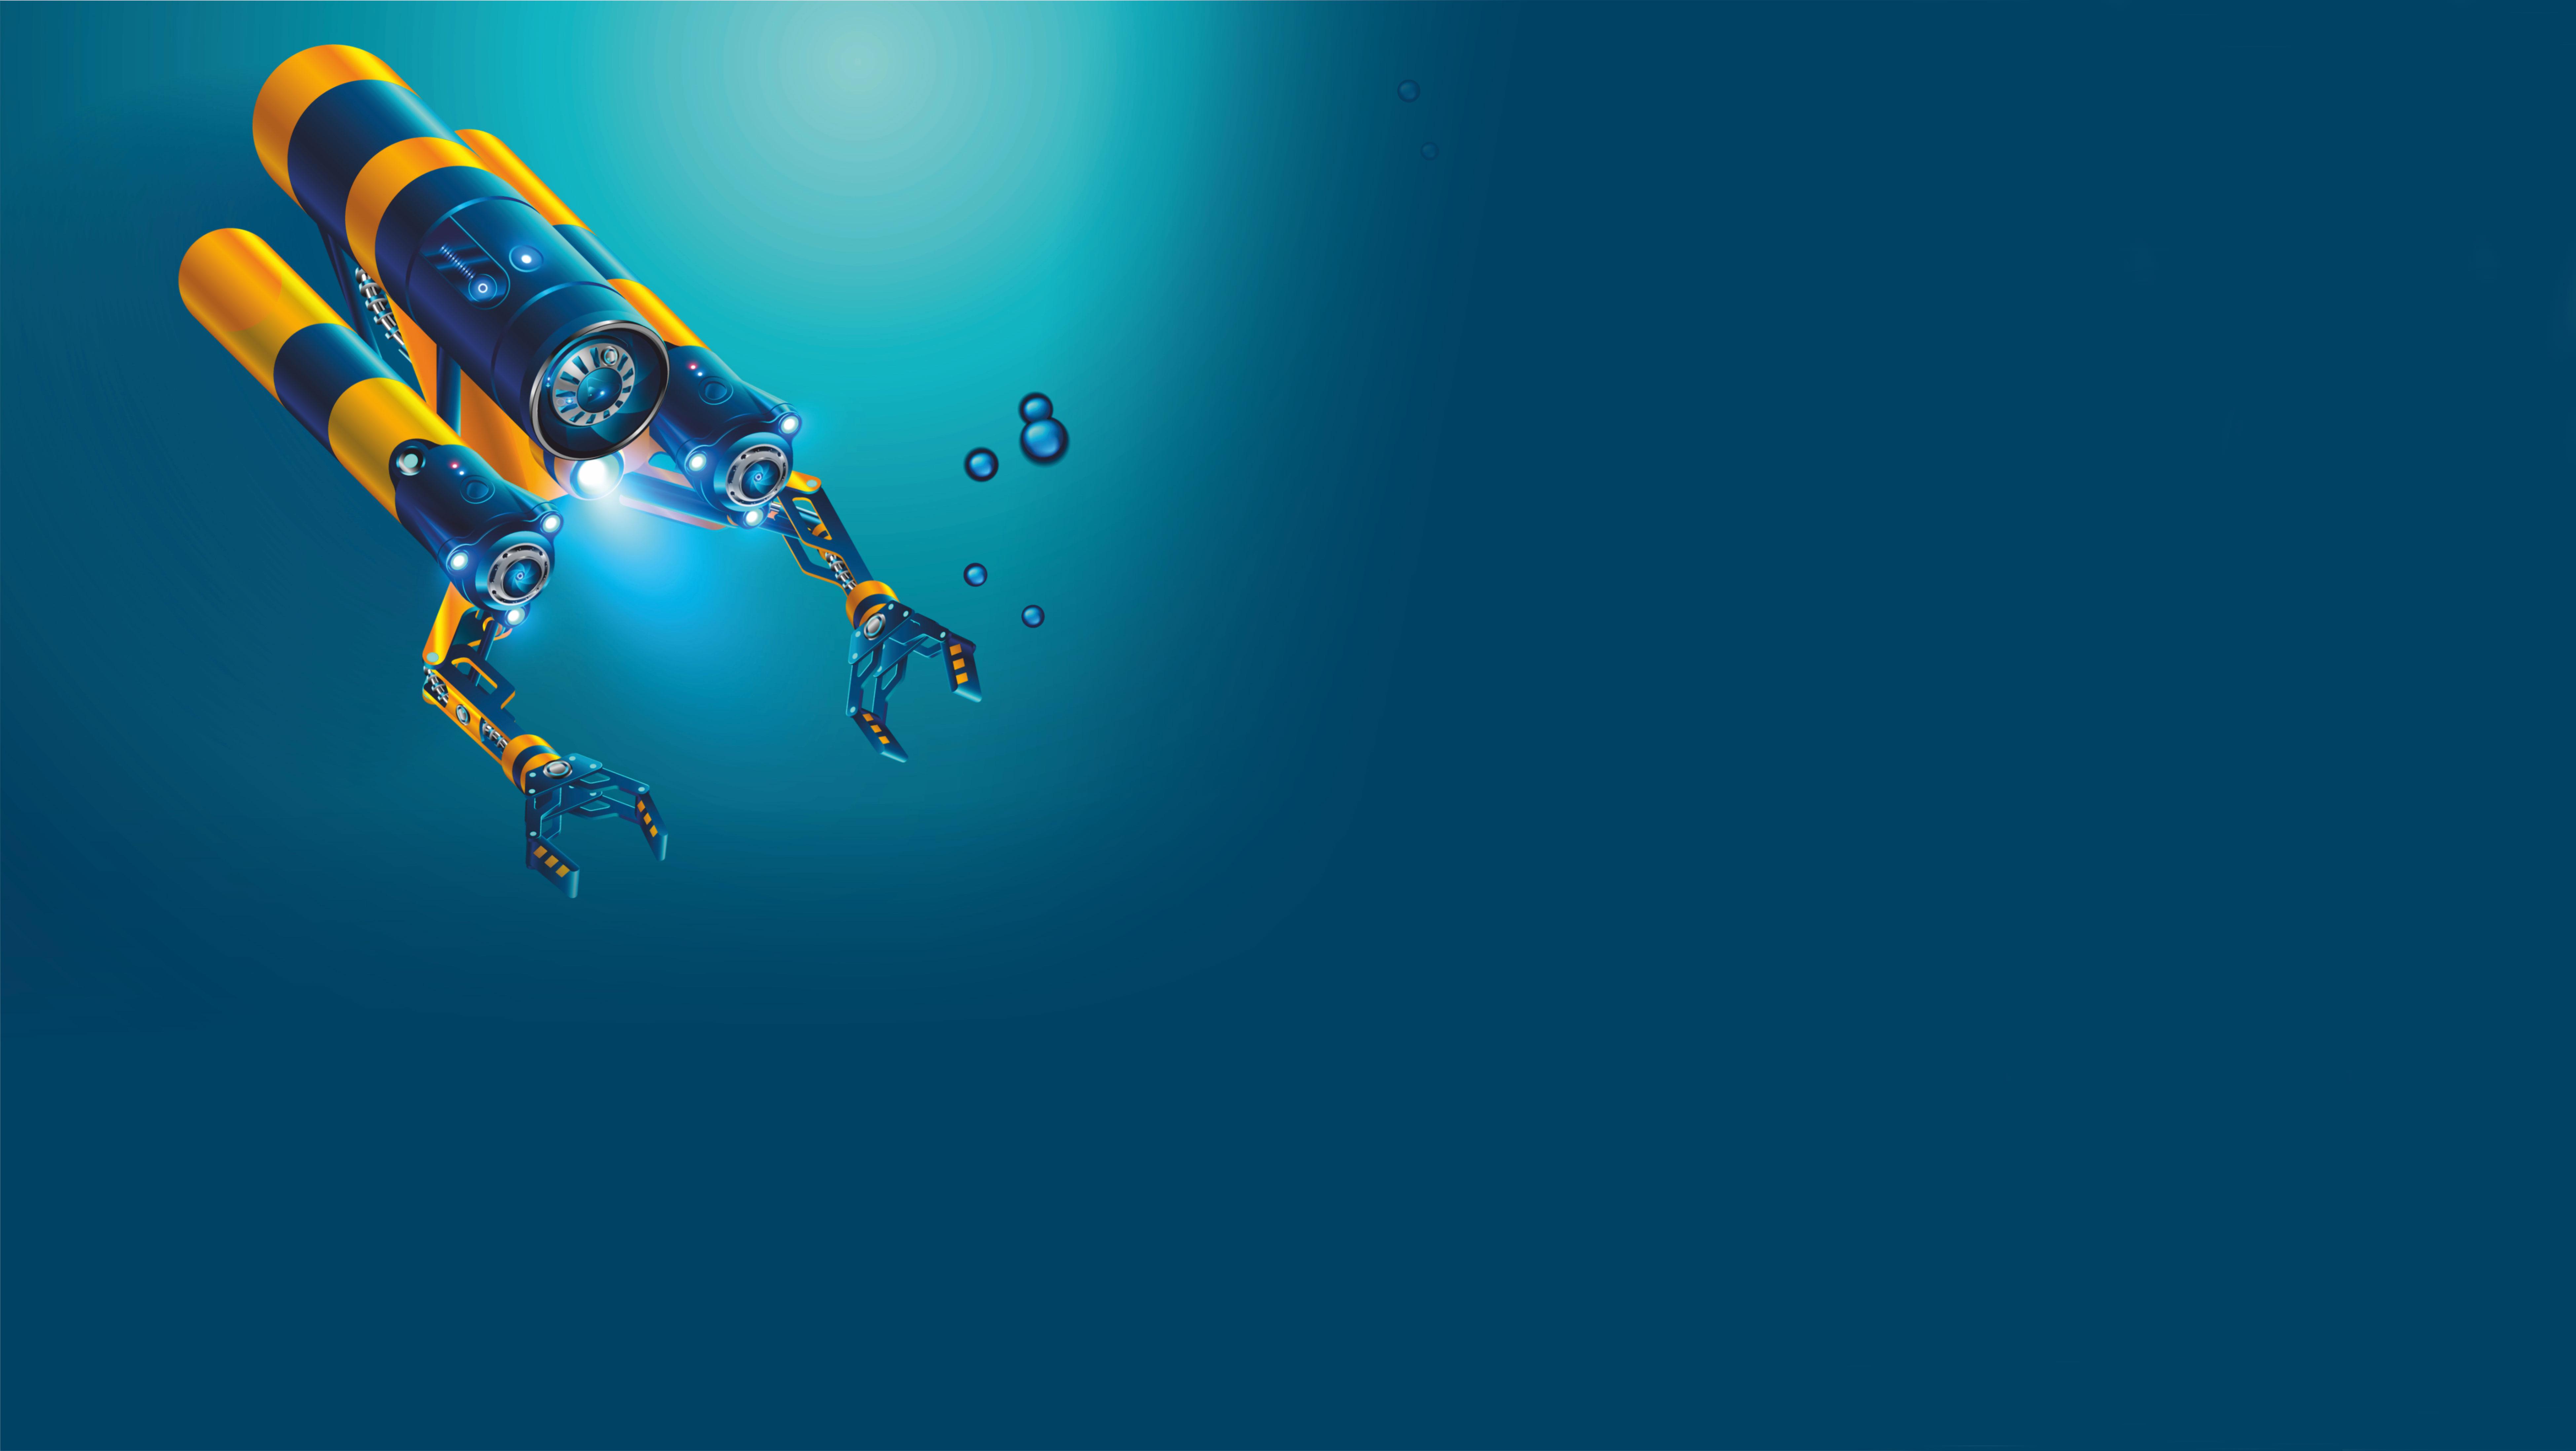 SEA-DRONE-sfondomod